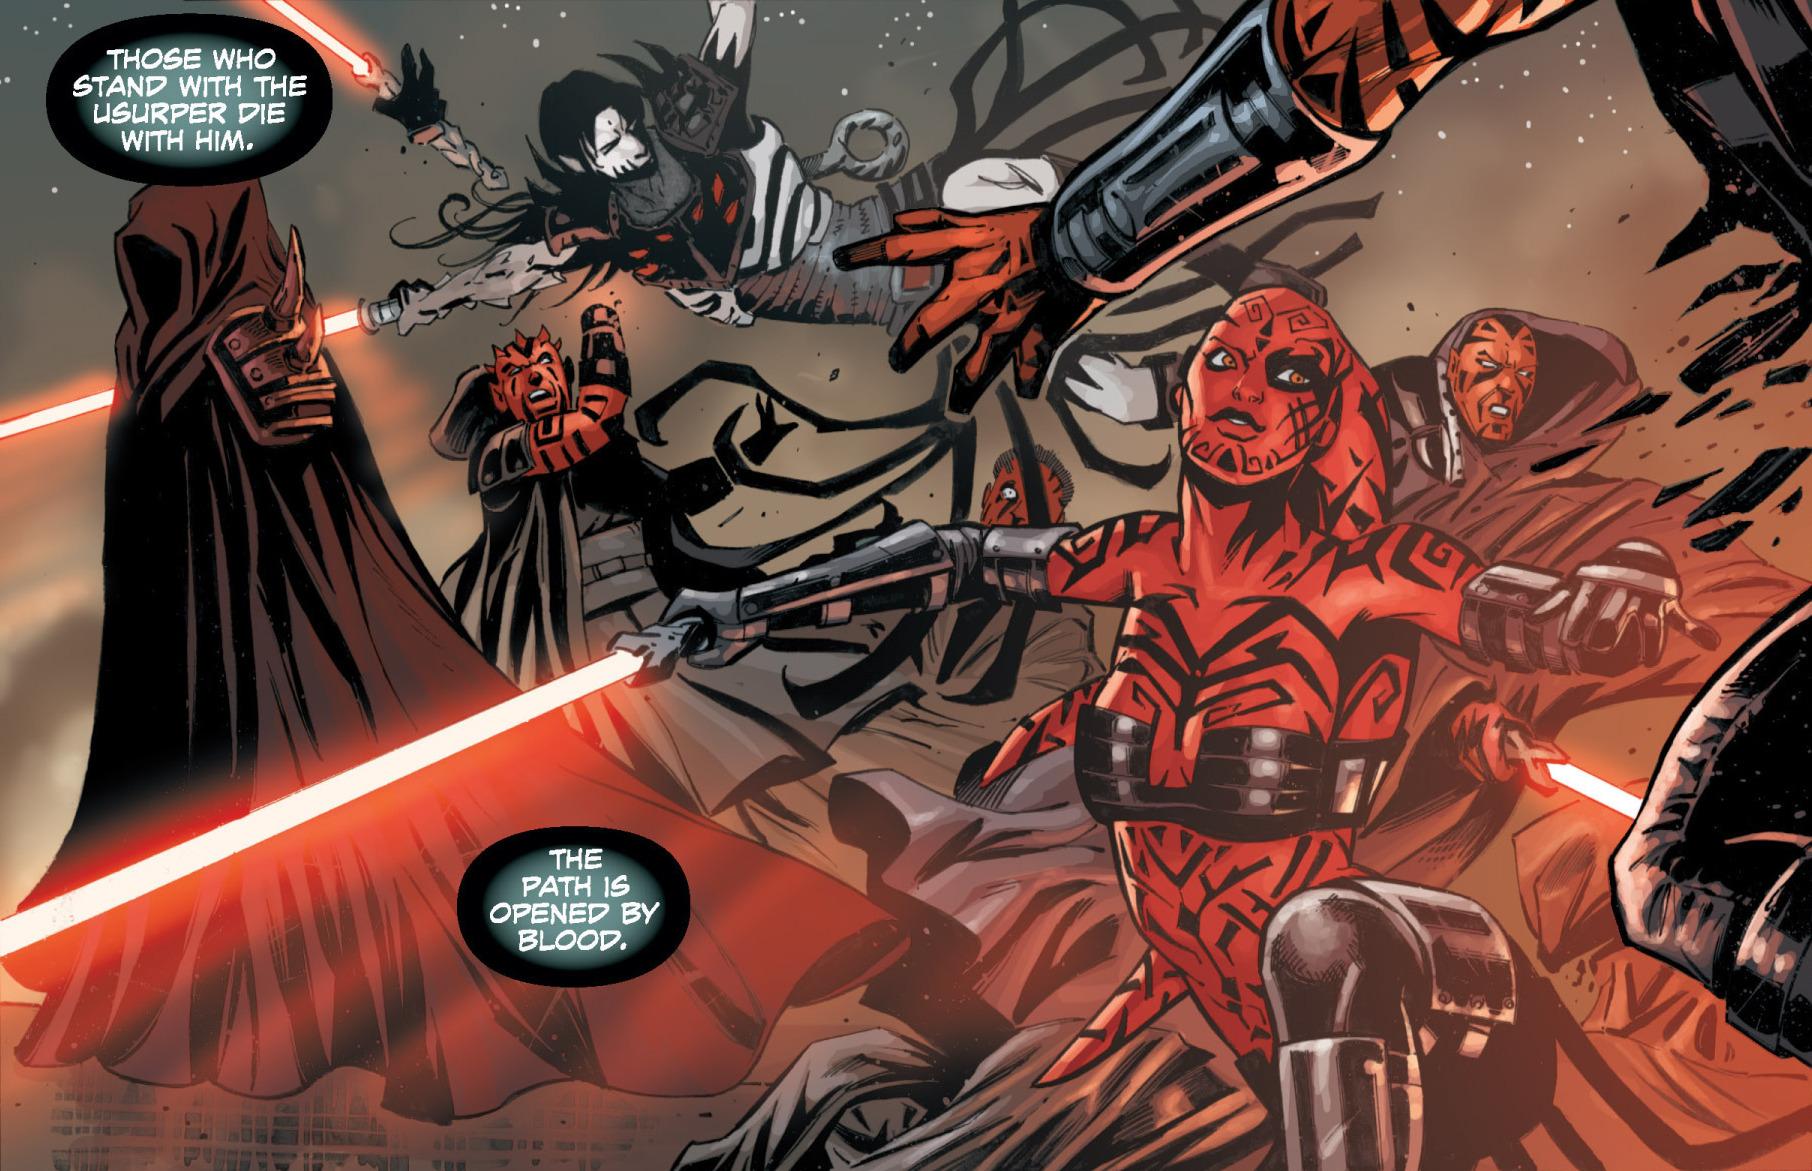 Talon and Nihl facing off Darth Wyyrlok's Sith allies.: http://starwars.wikia.com/wiki/Darth_Talon